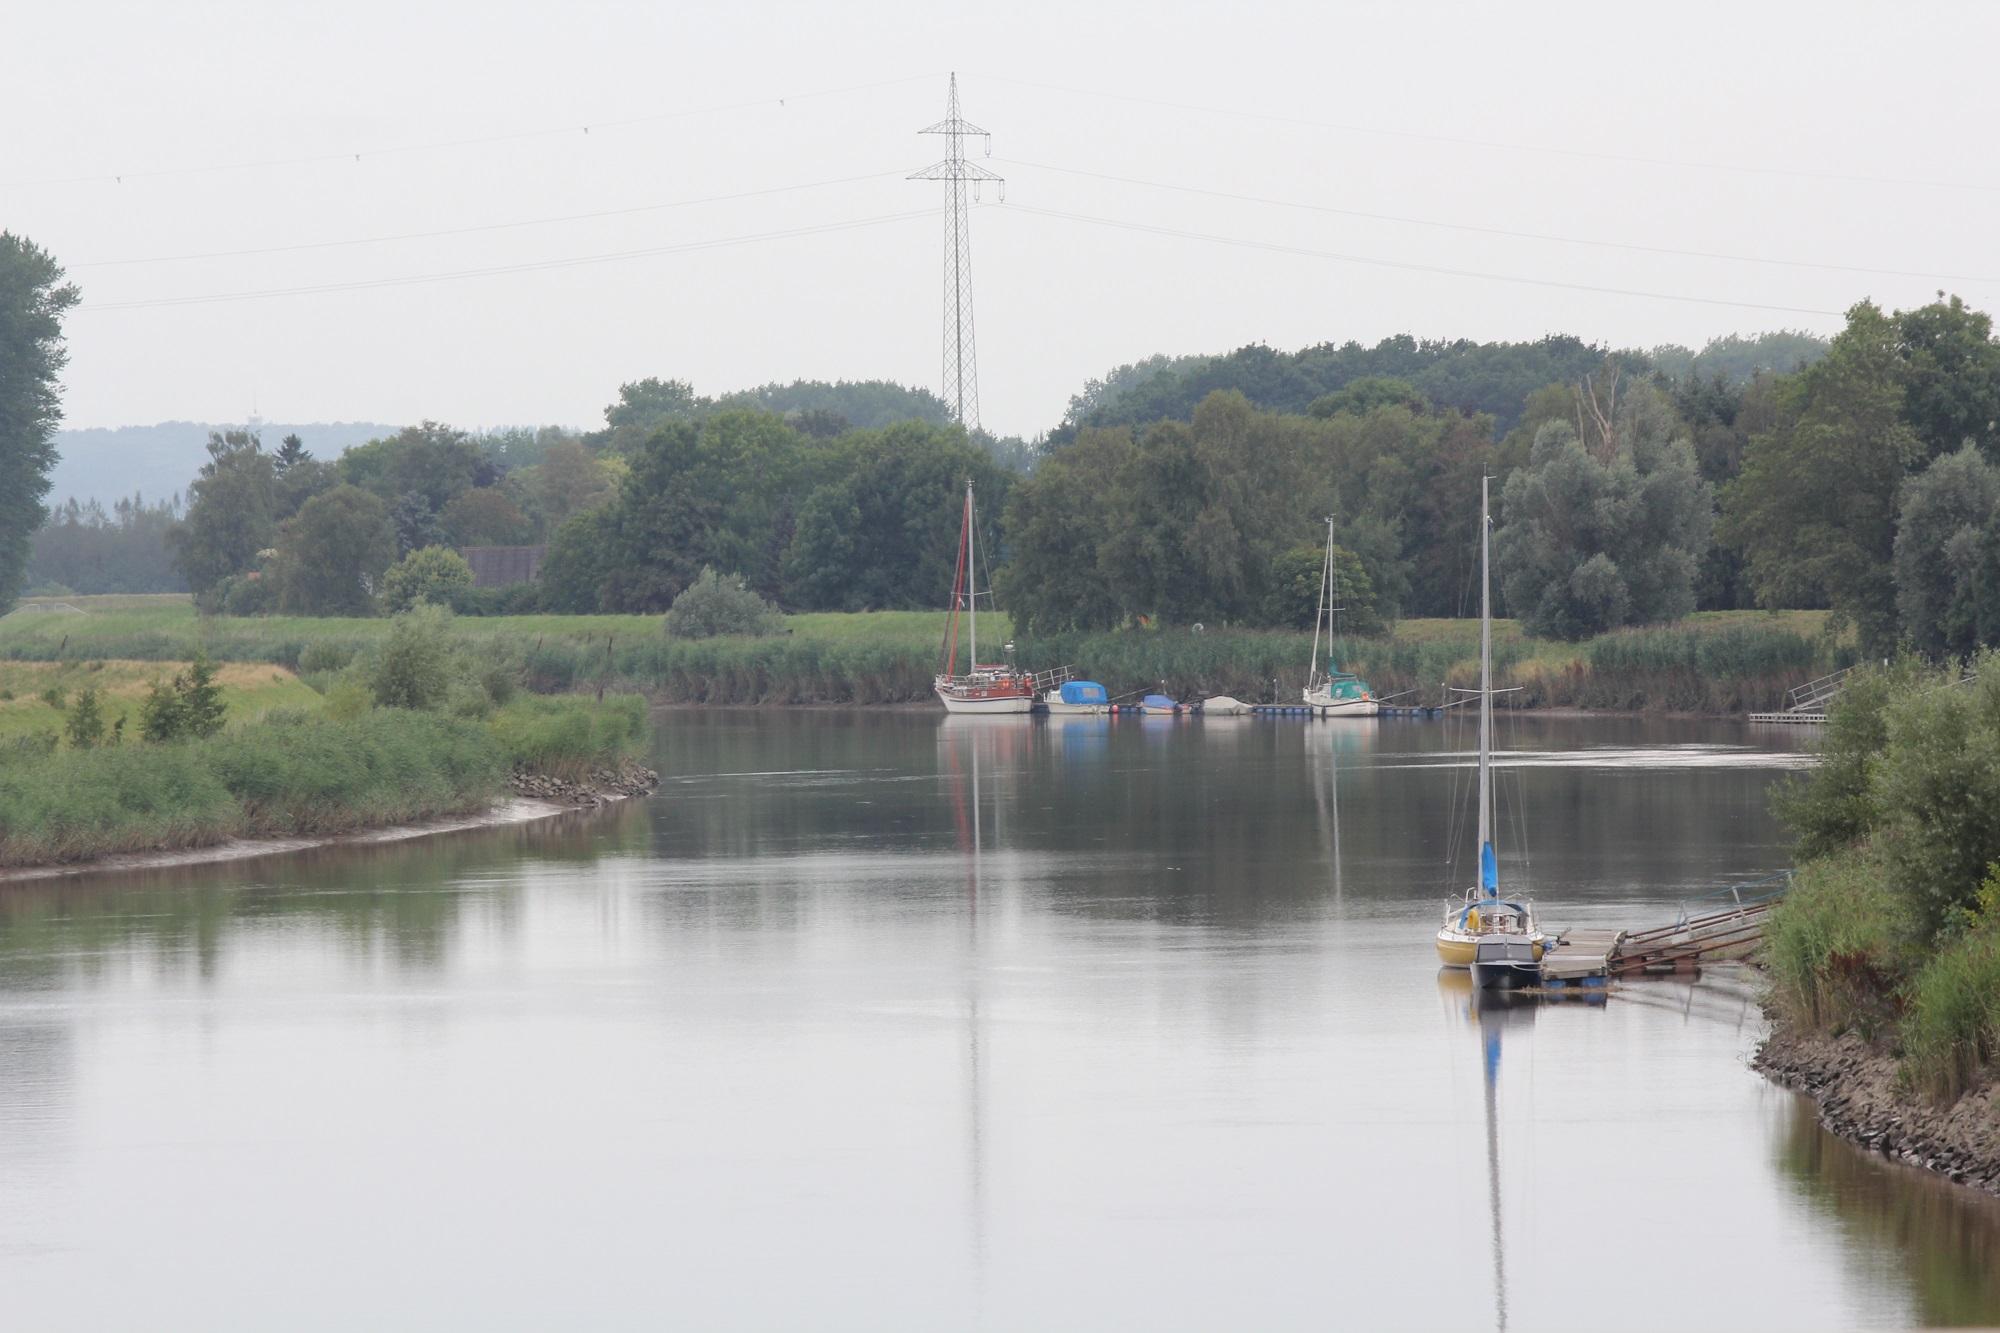 Kaulbarsche kommen in den Flussunterläufen vor, die von der Tide beeinflusst werden (Foto: Jesco Peschutter)